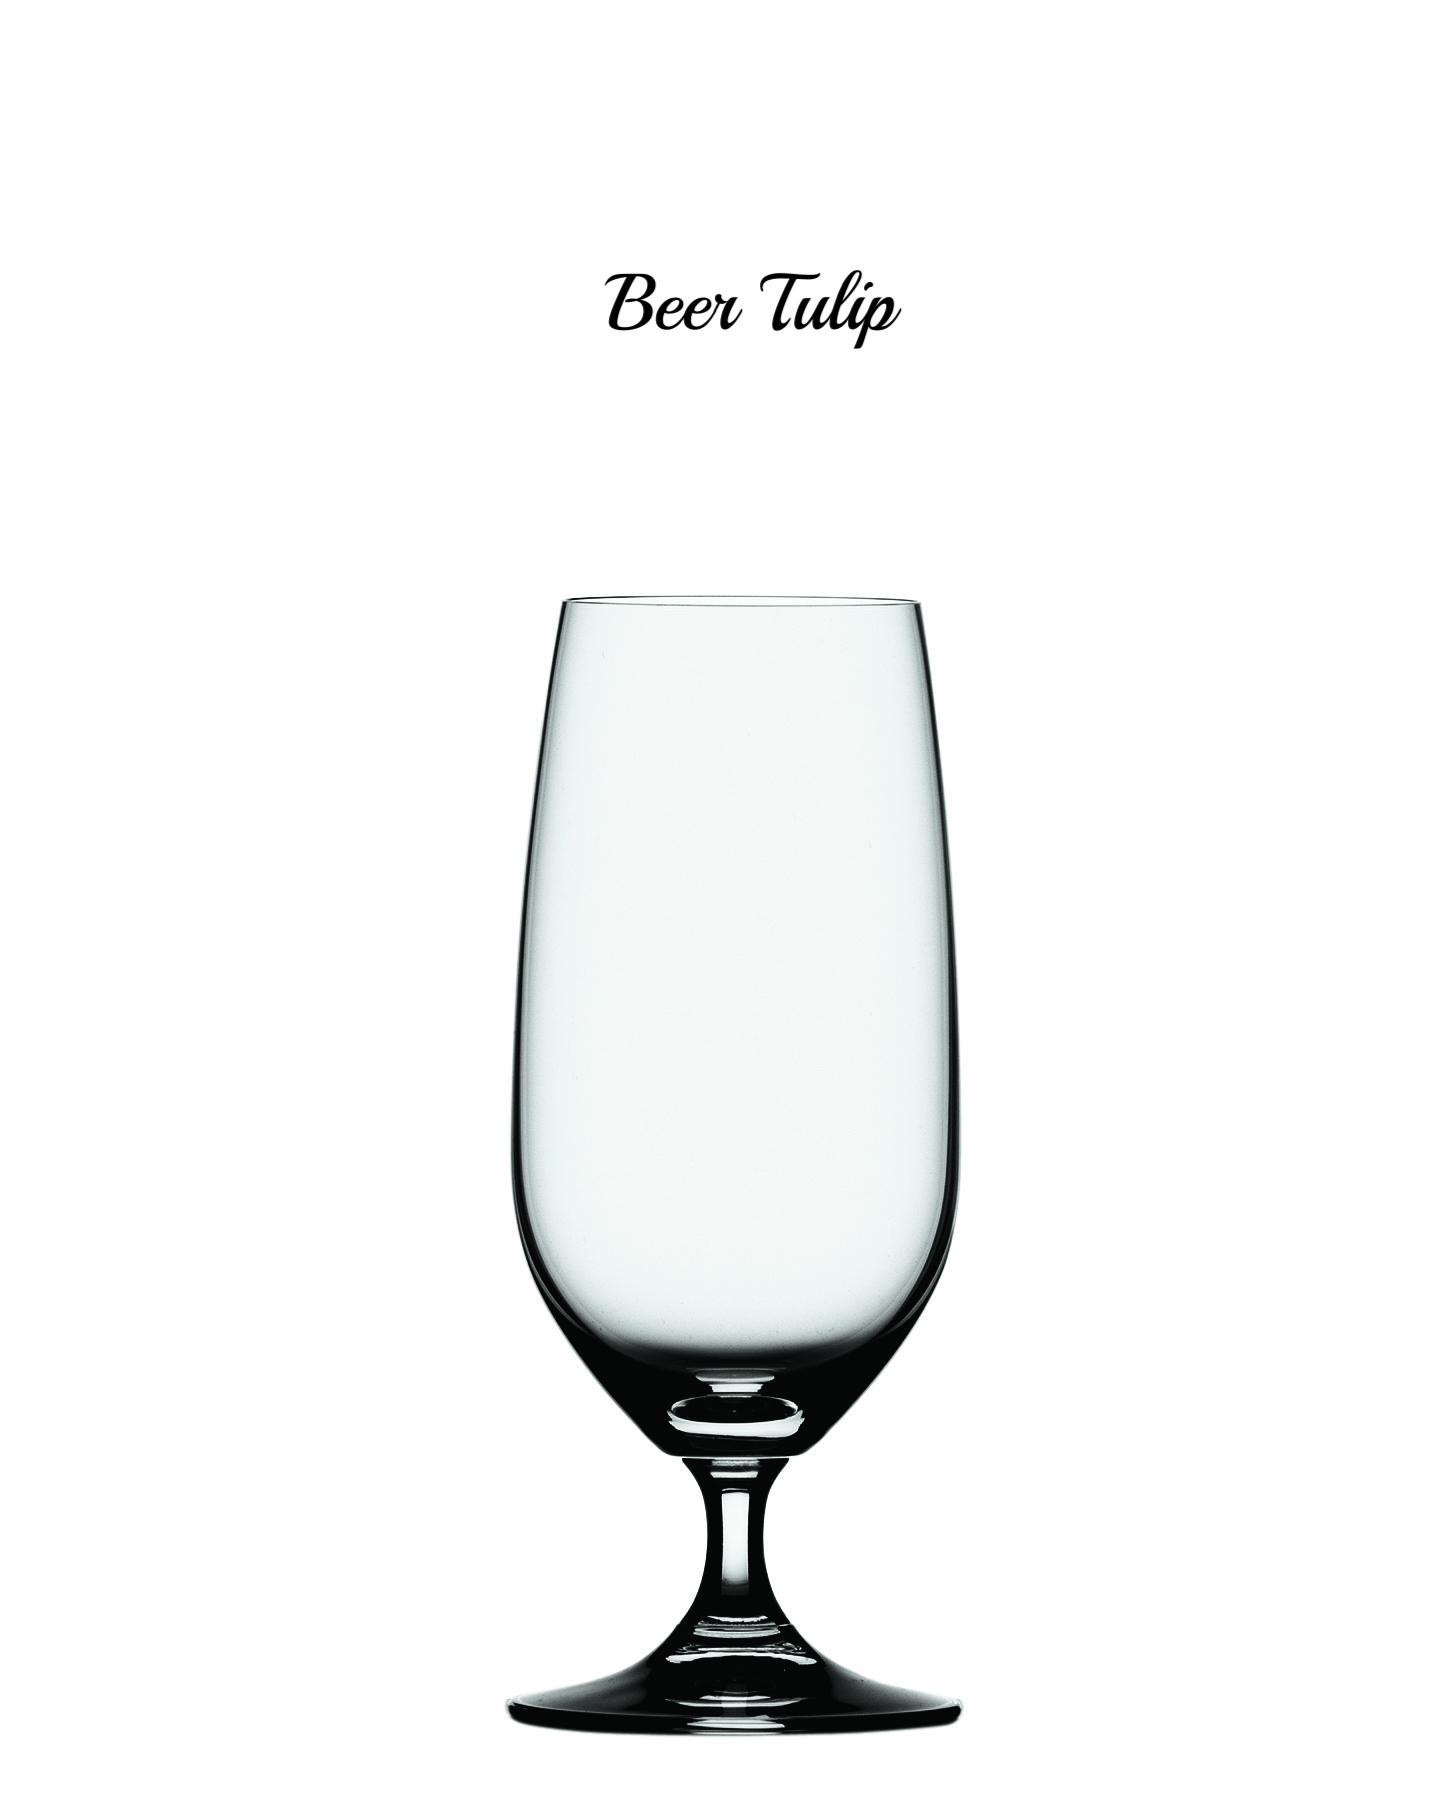 Beer Tulip 4510274.jpg